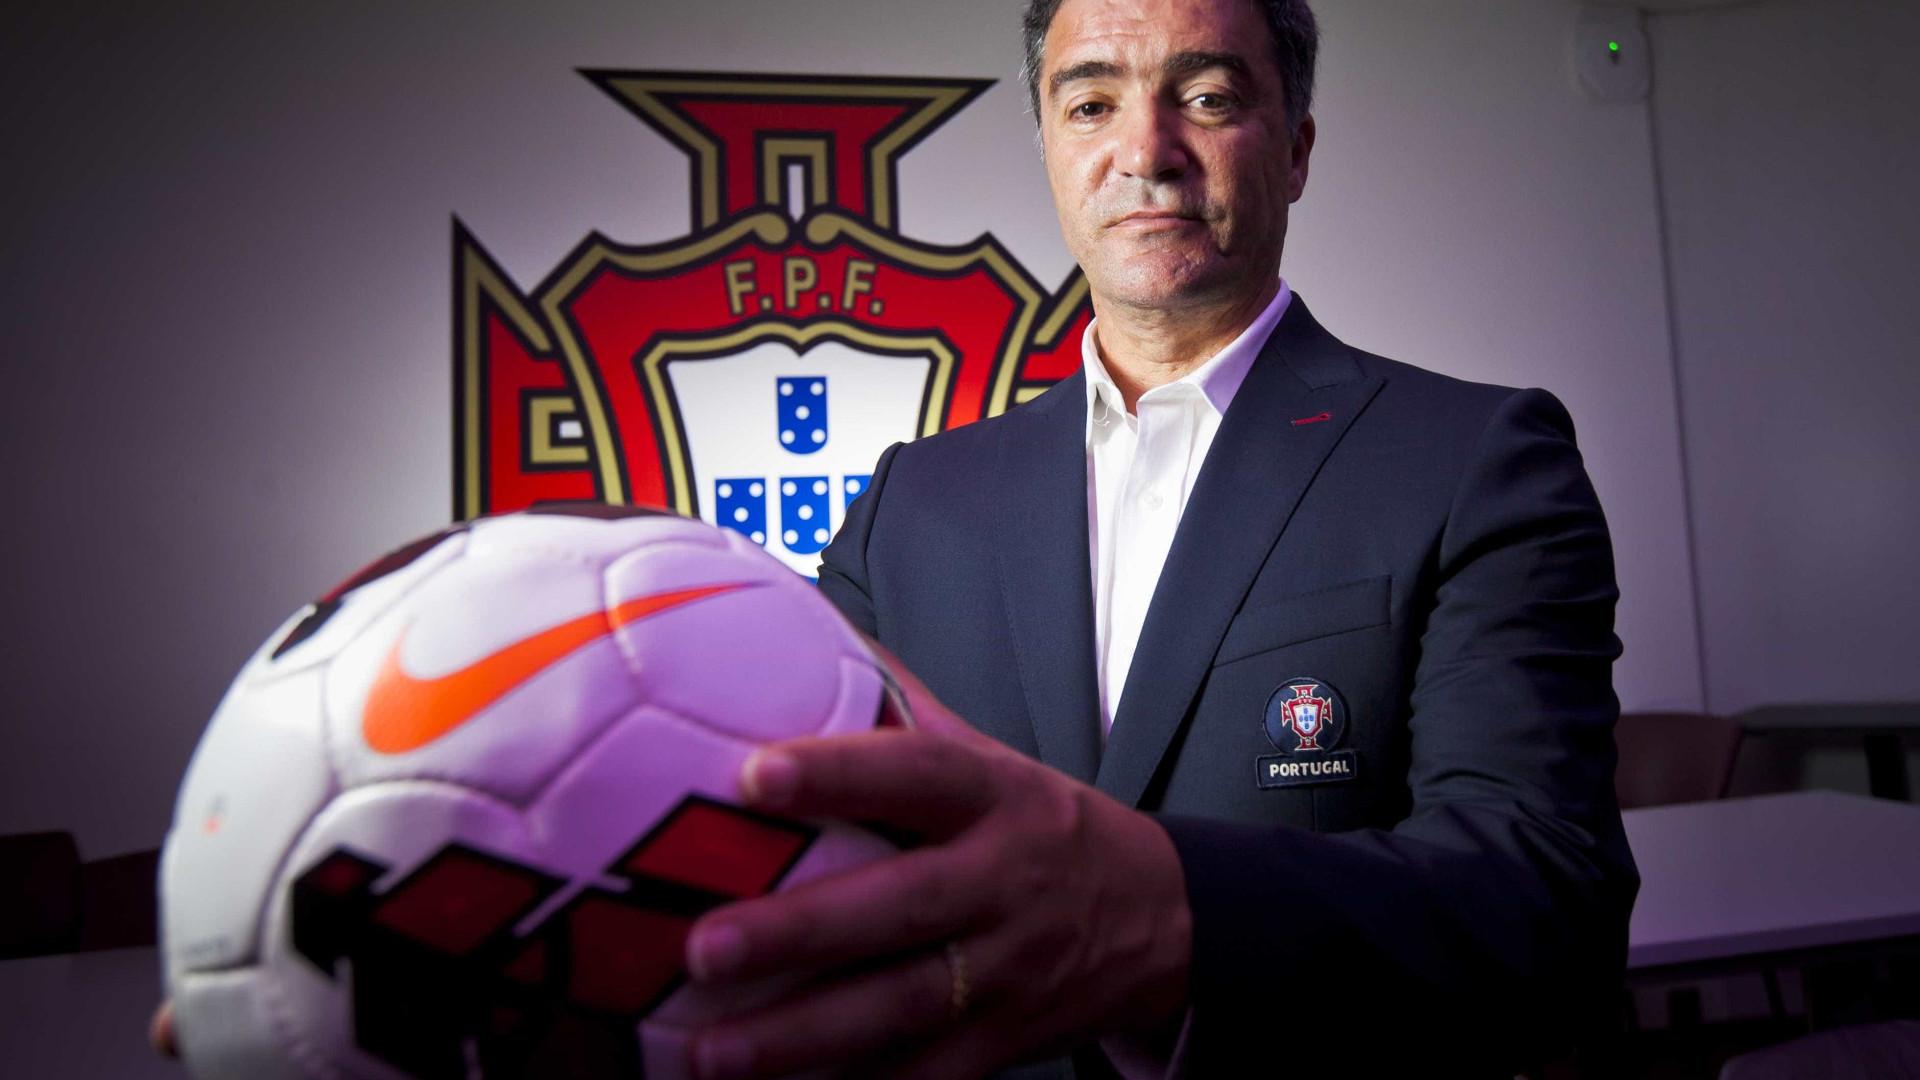 Portugal conheceu adversários na Ronda de Elite para o Euro 2016 3db3748288c31